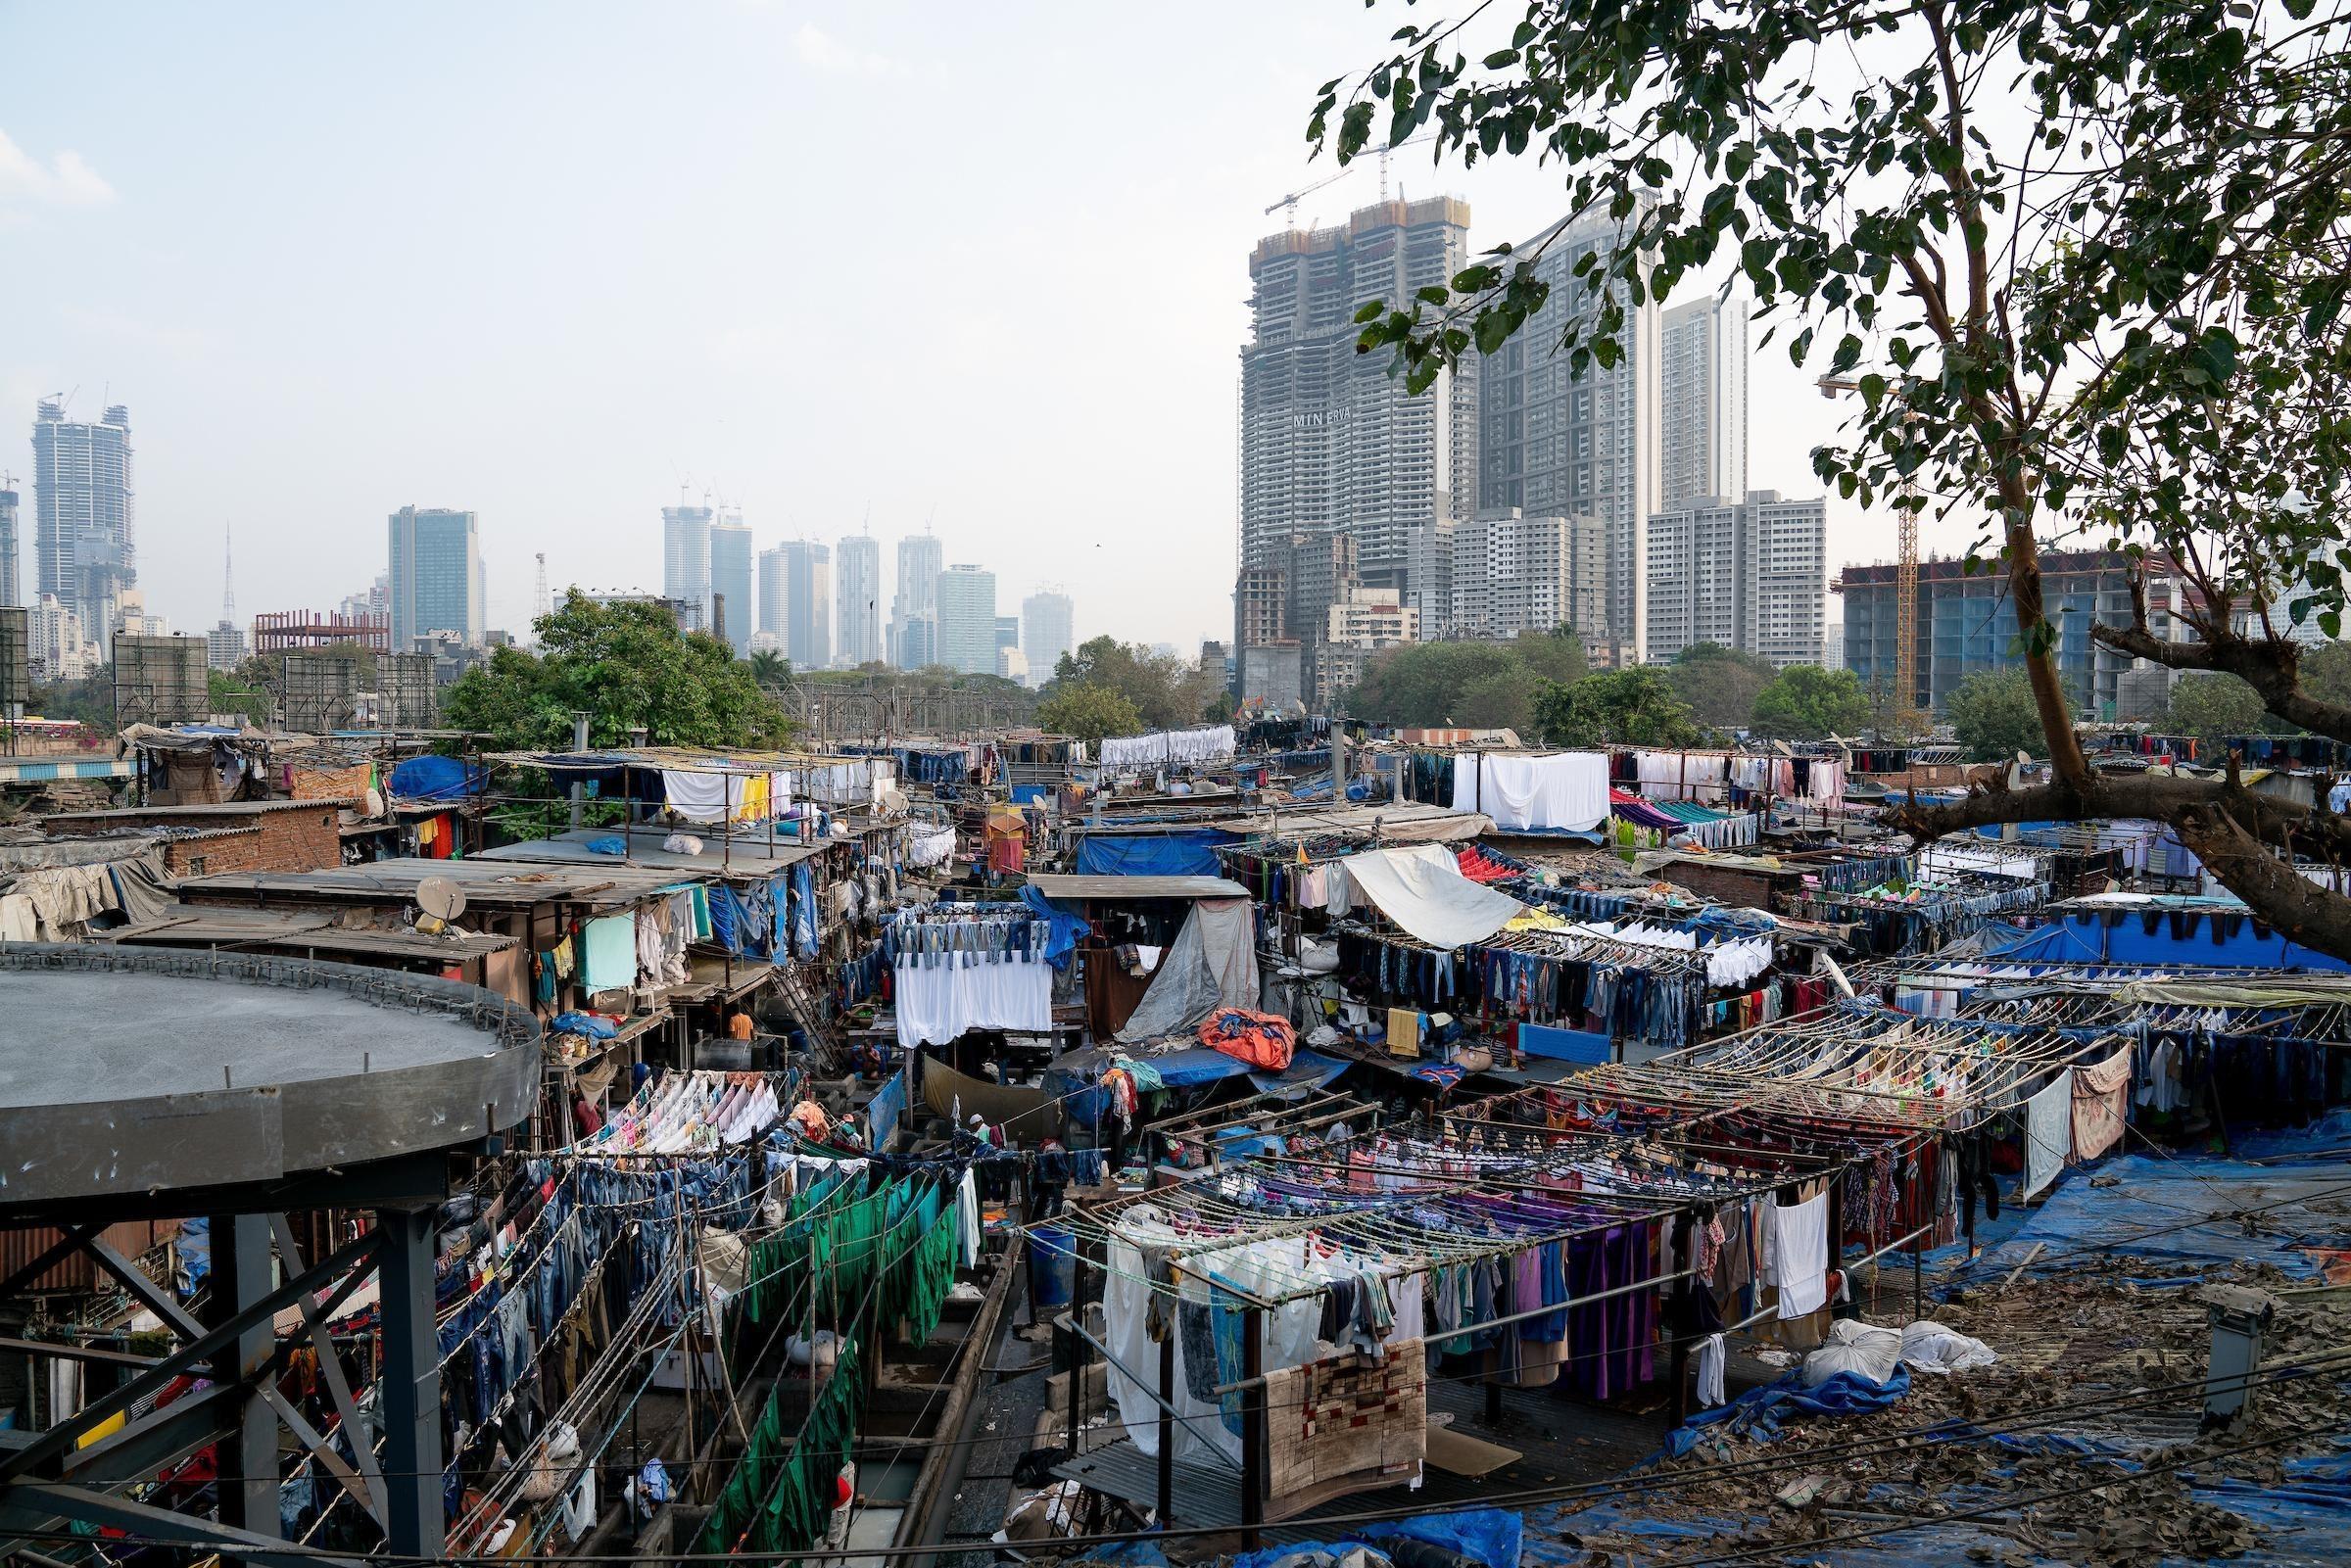 How to Spend 3 Days in Mumbai